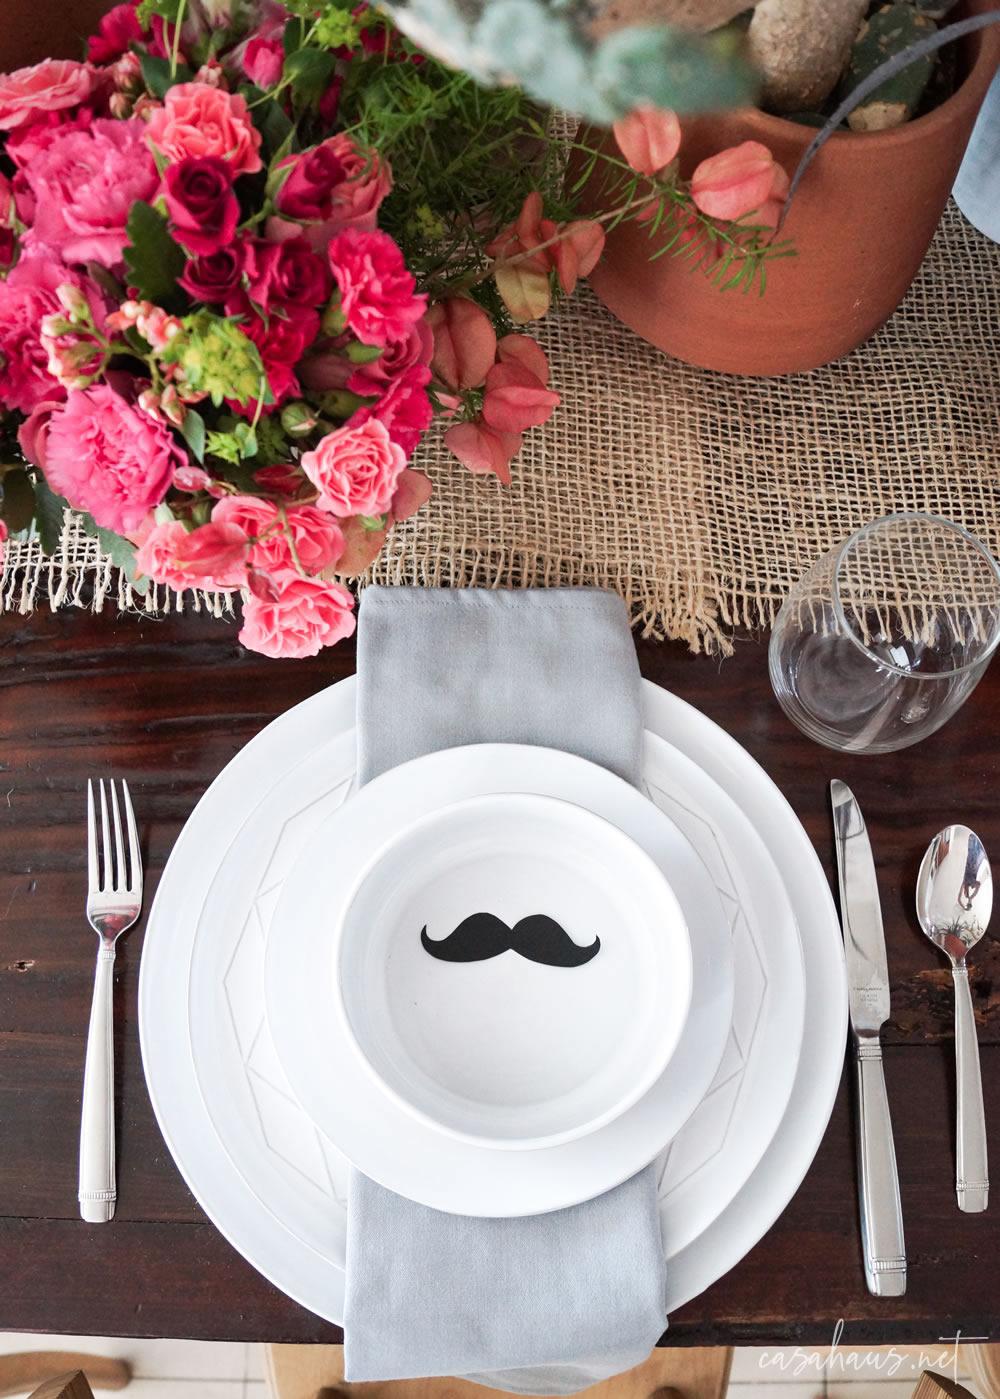 Platos puestos con bigote de papel, en mesa con cactus y flores rosas